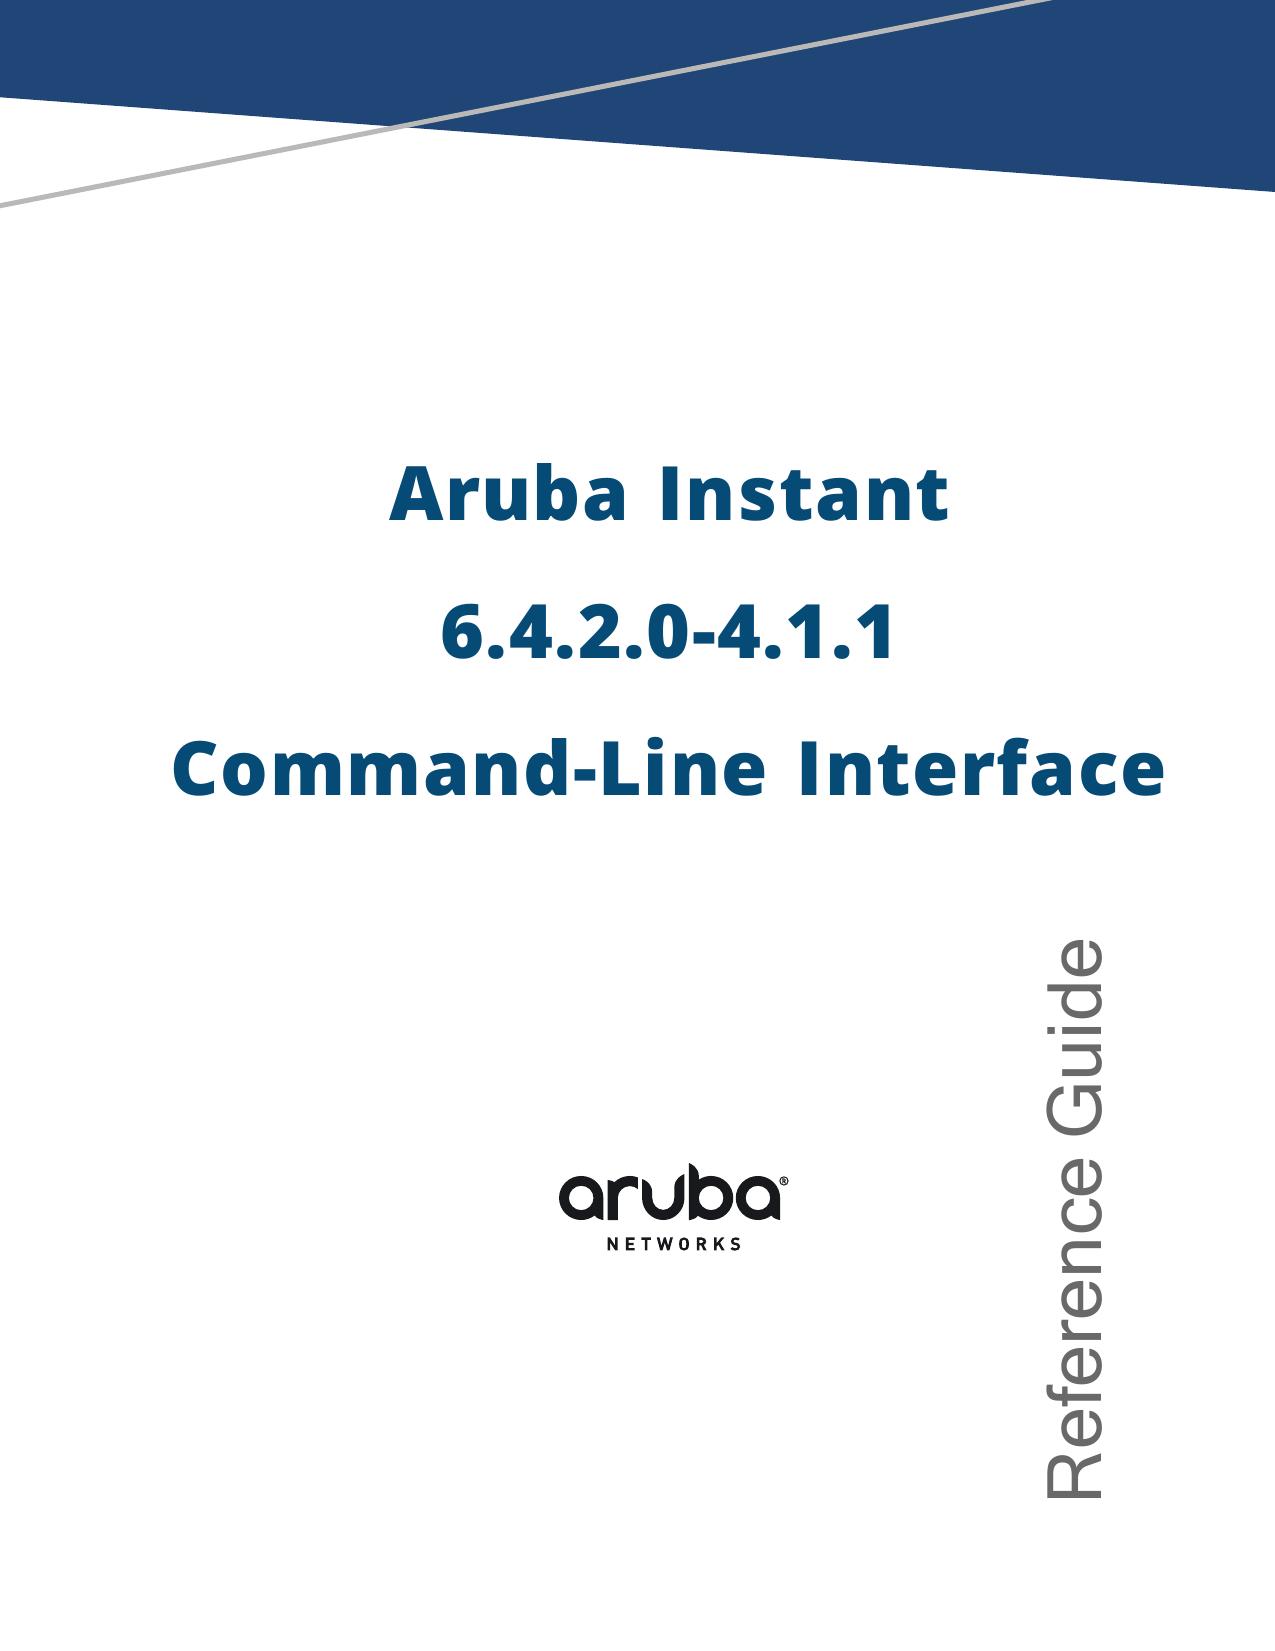 Aruba Instant 6 4 2 0-4 1 1 User Guide | manualzz com